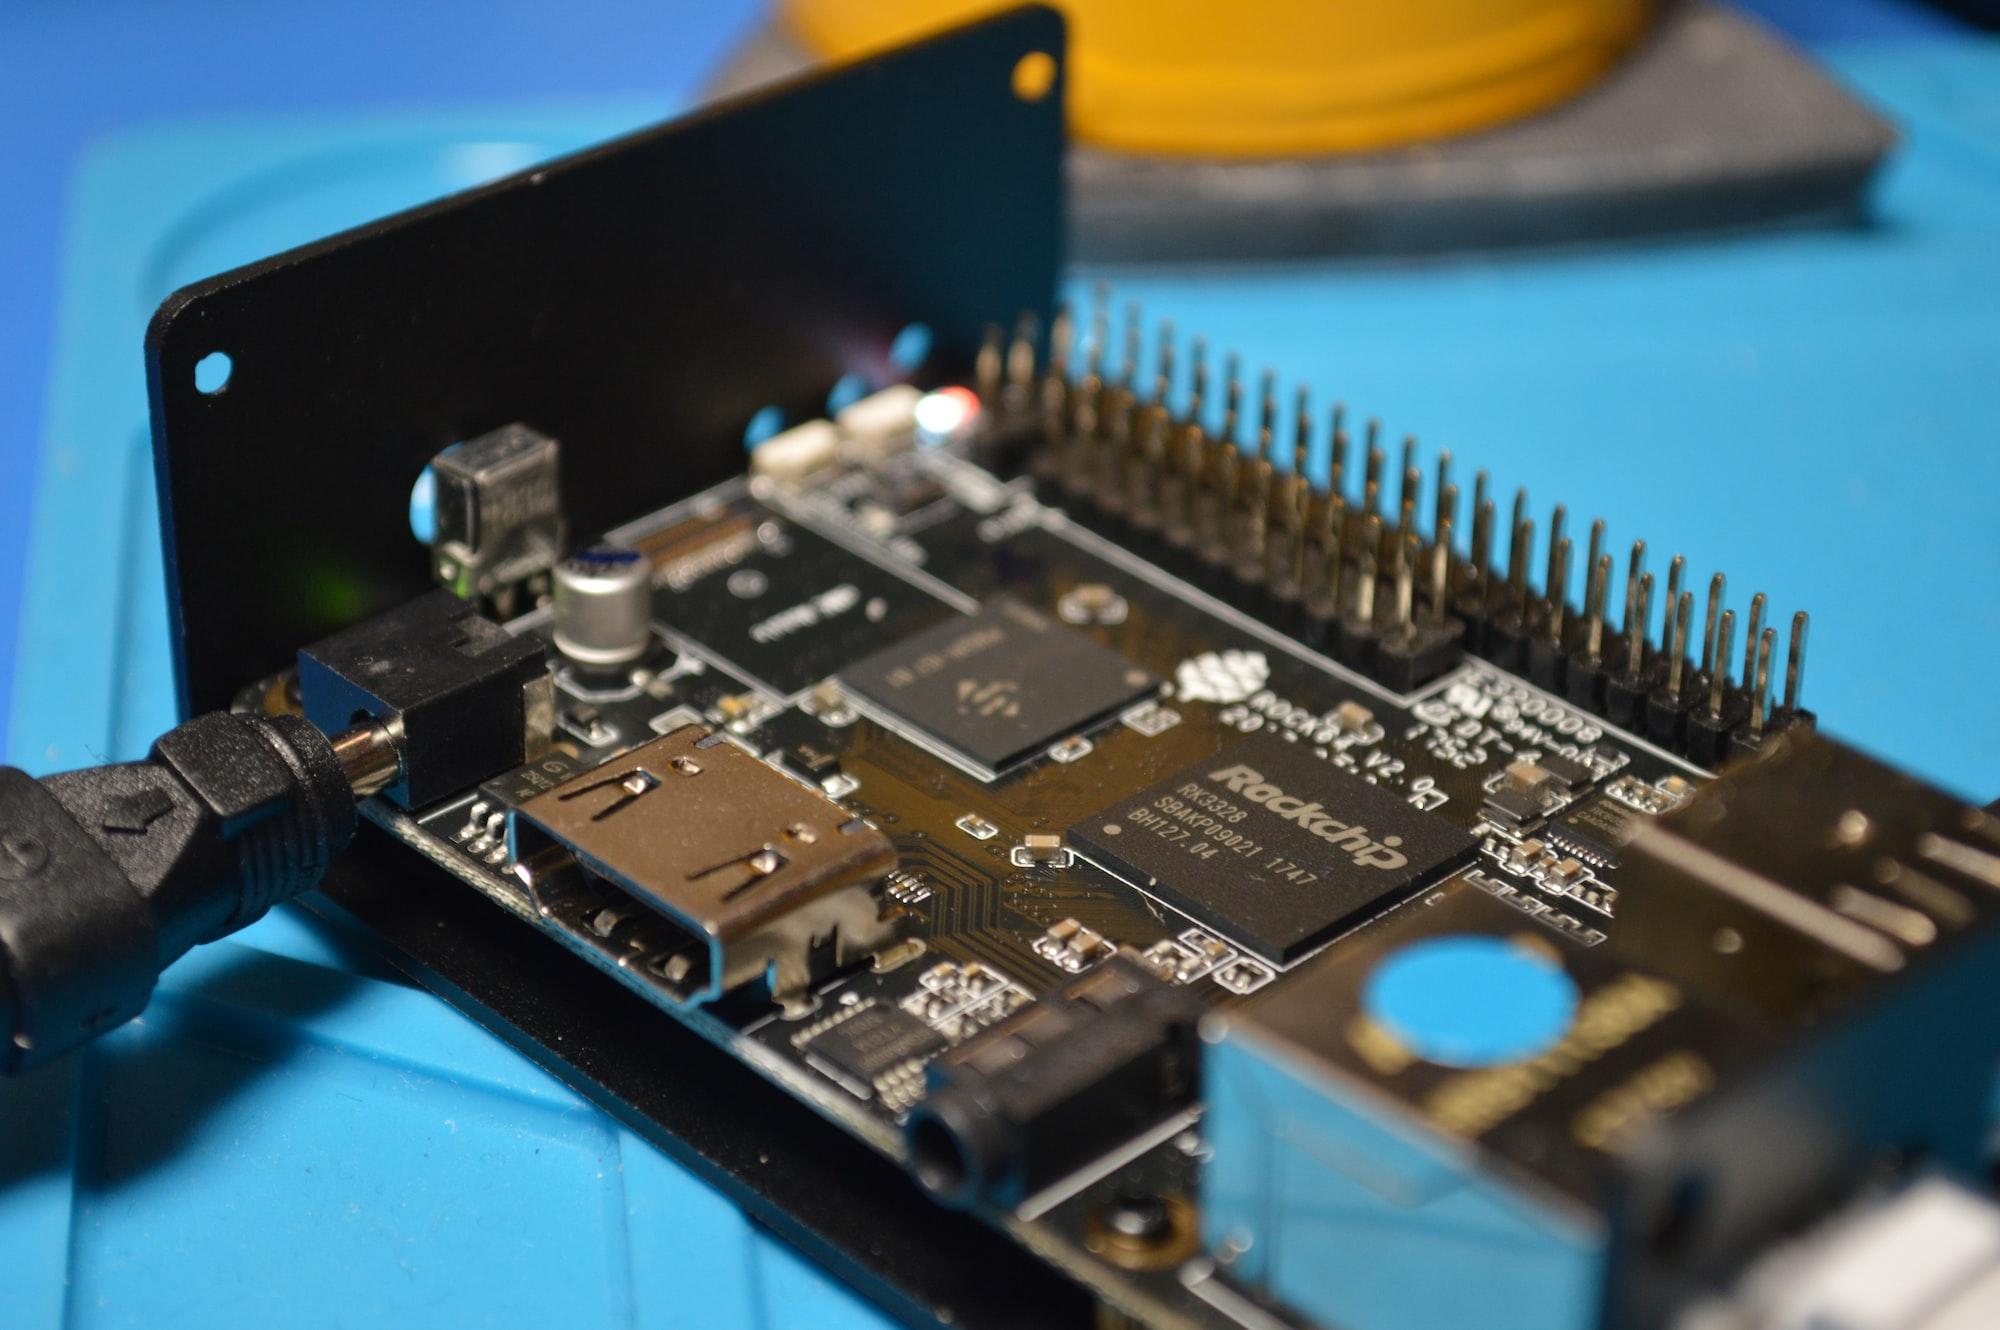 Ontwerpen en ontwikkelen van IoT producten.